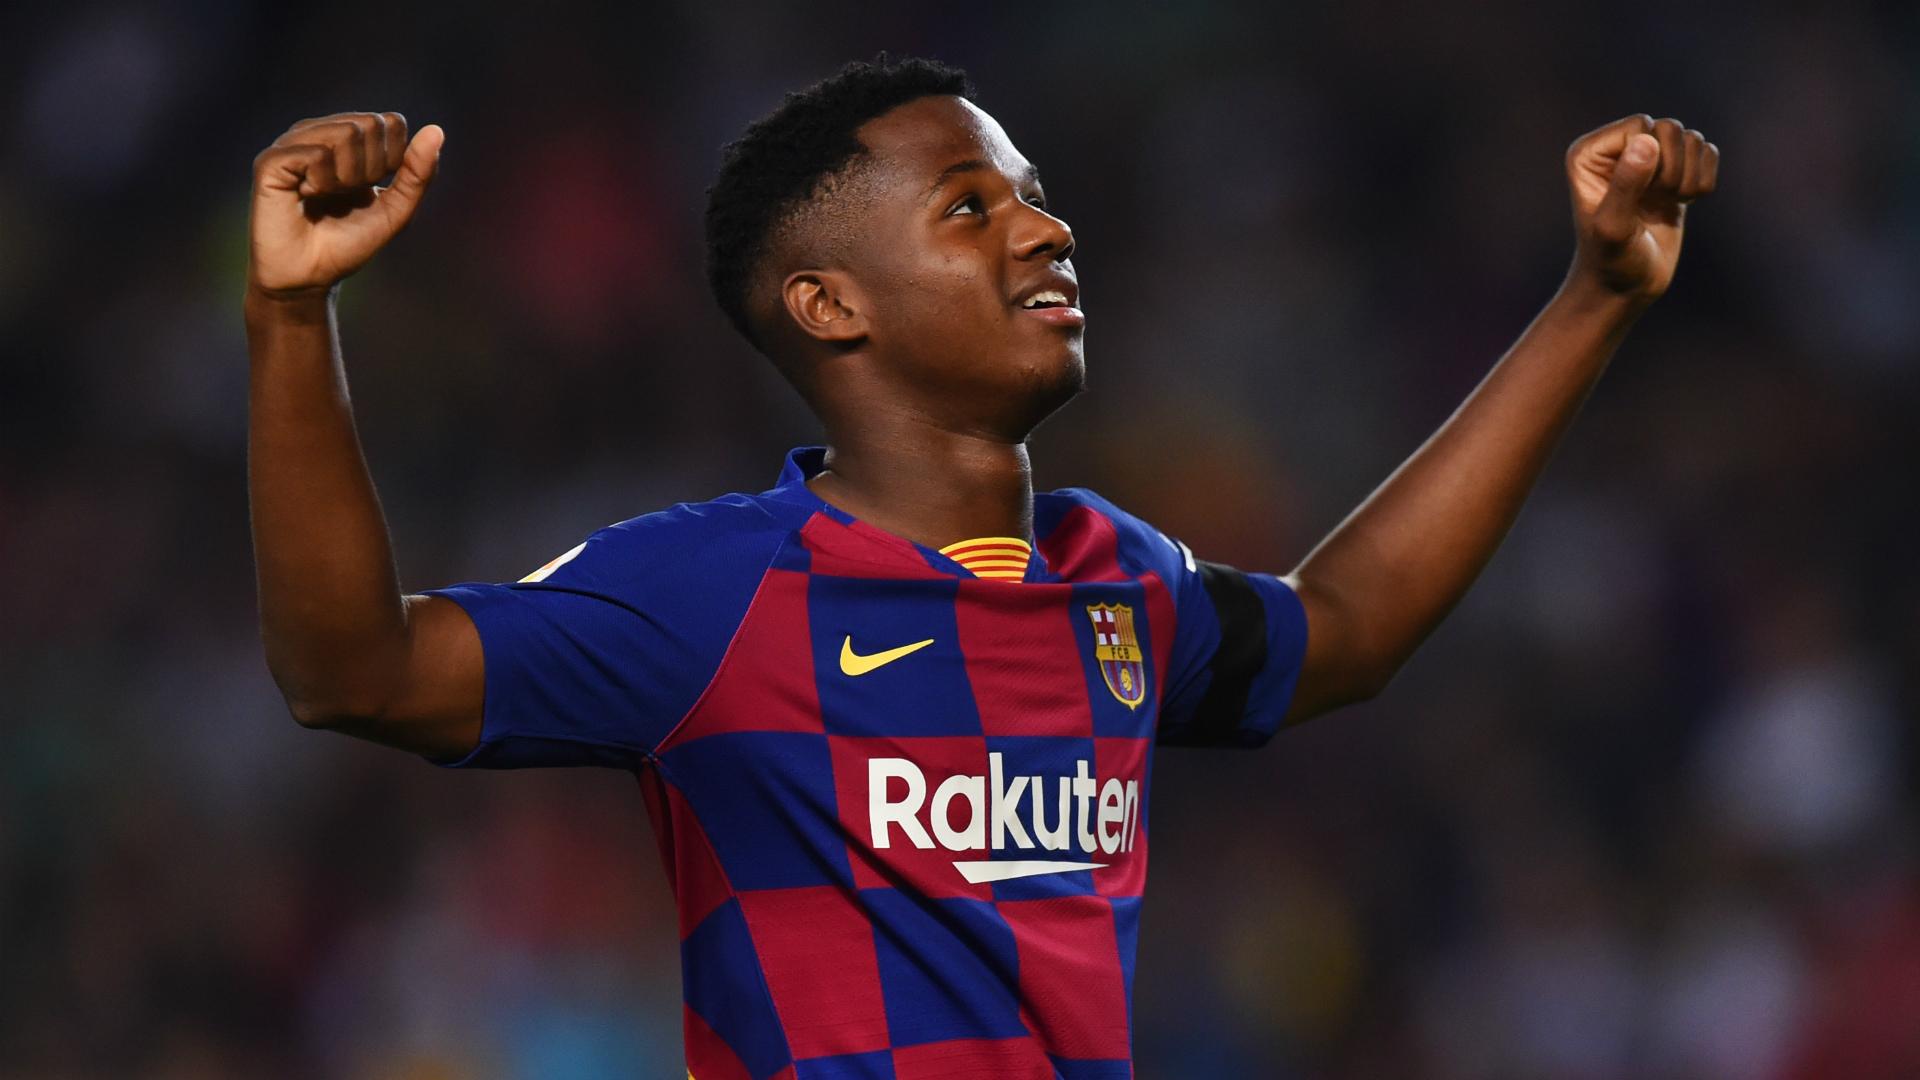 Ansu Fati starts for Barcelona against Dortmund, Lionel Messi benched